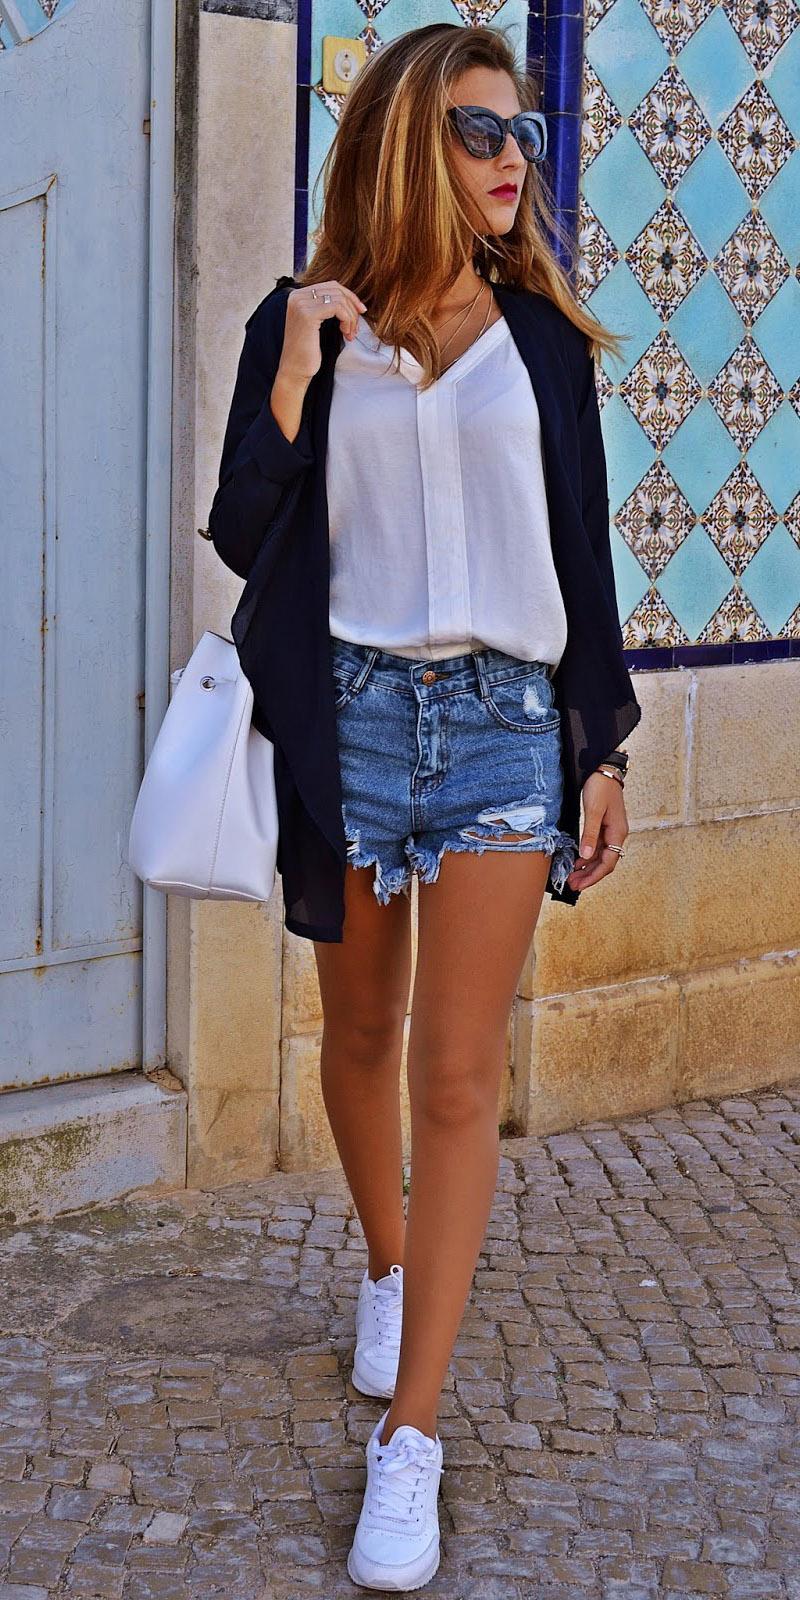 blue-med-shorts-denim-white-top-blouse-black-cardiganl-white-bag-white-shoe-sneakers-hairr-sun-spring-summer-weekend.jpg